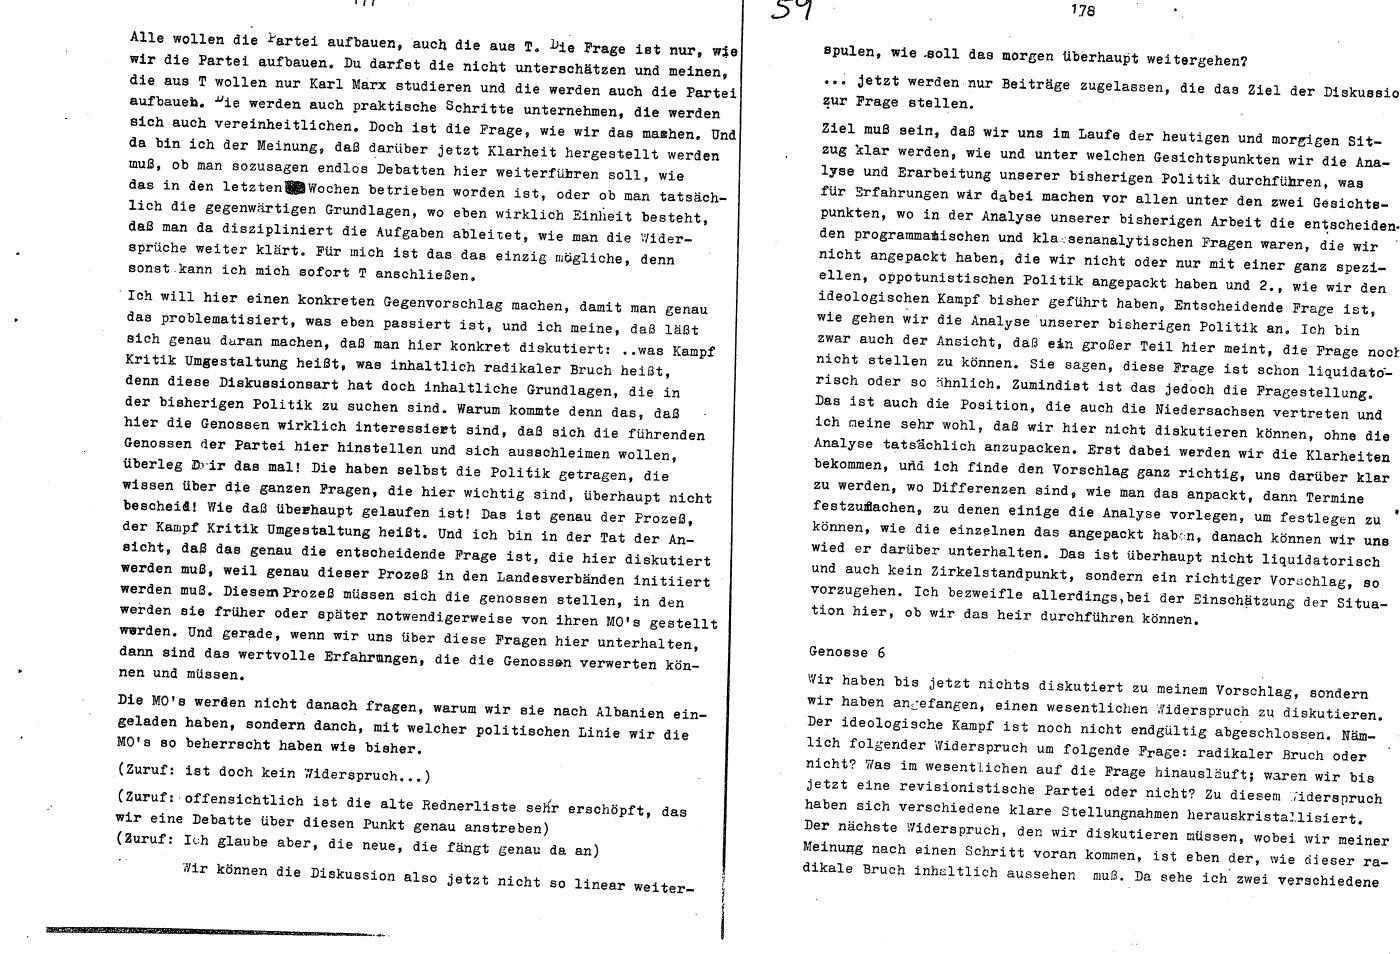 KPDML_1971_Wortprotokolle_aoPt_099